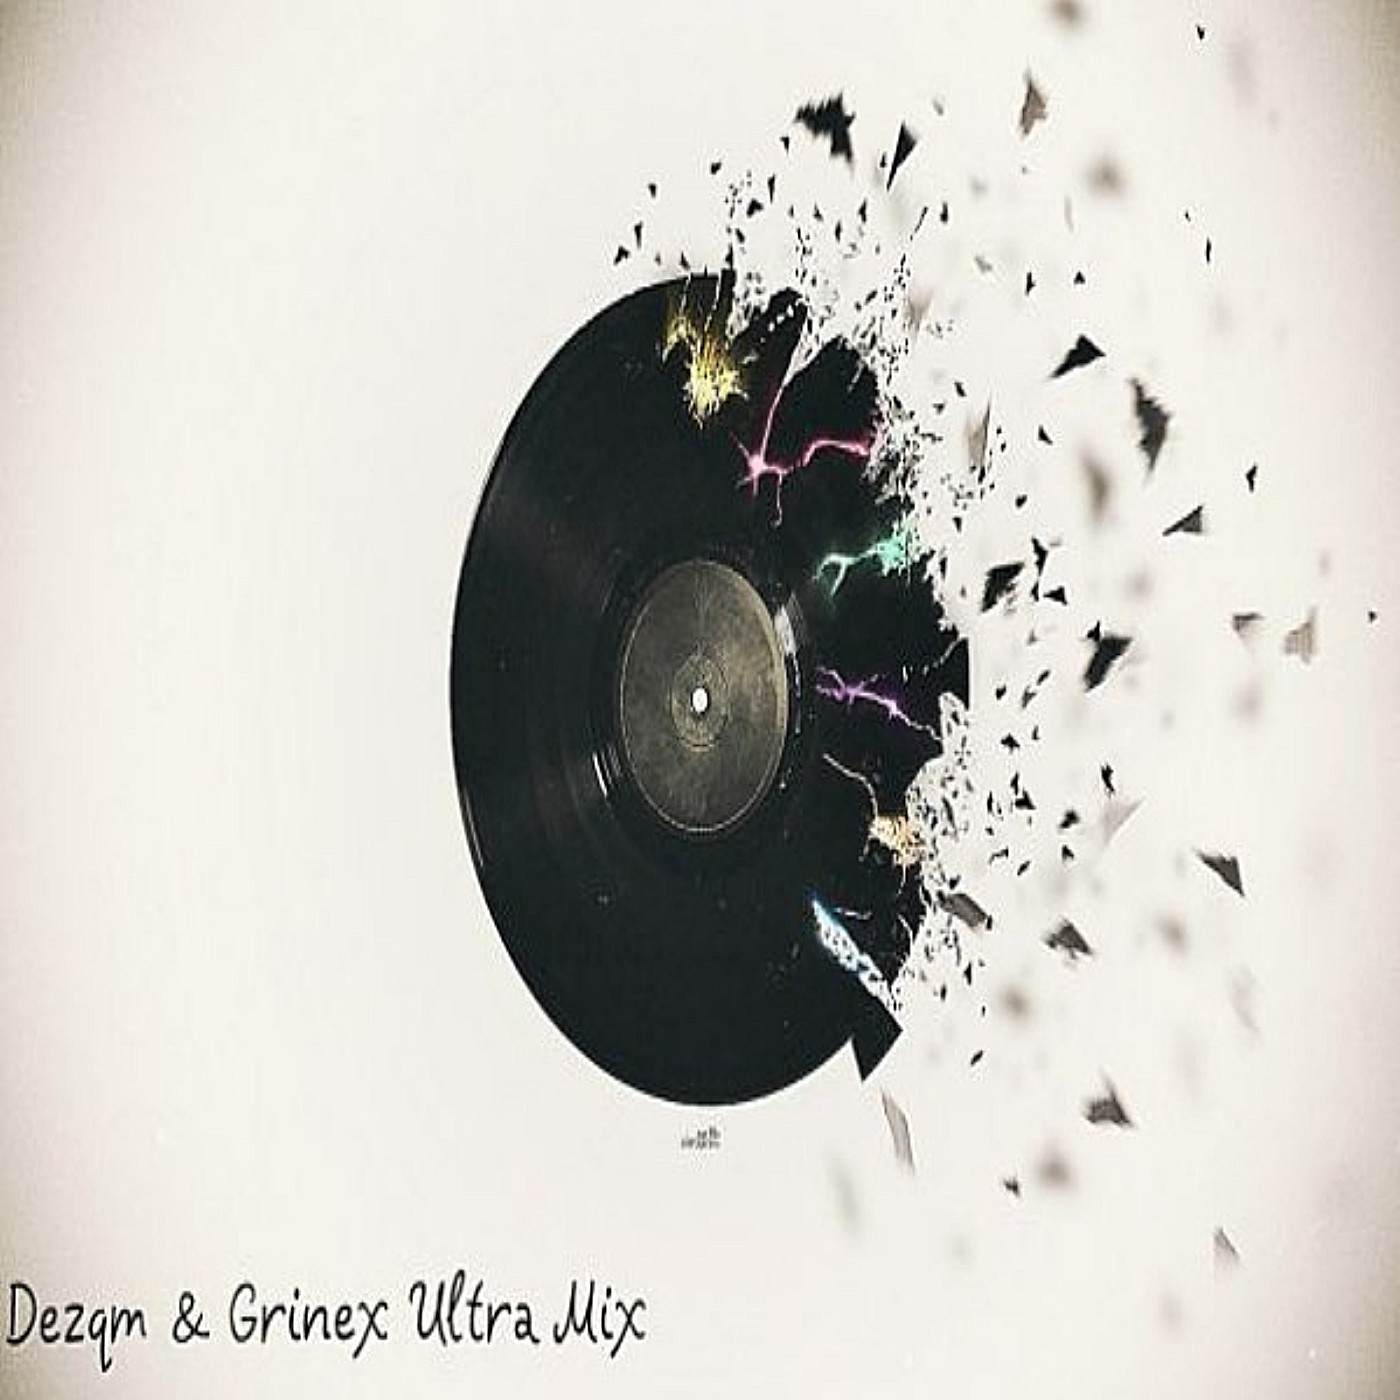 Dezq & Grinex Ultra Mix